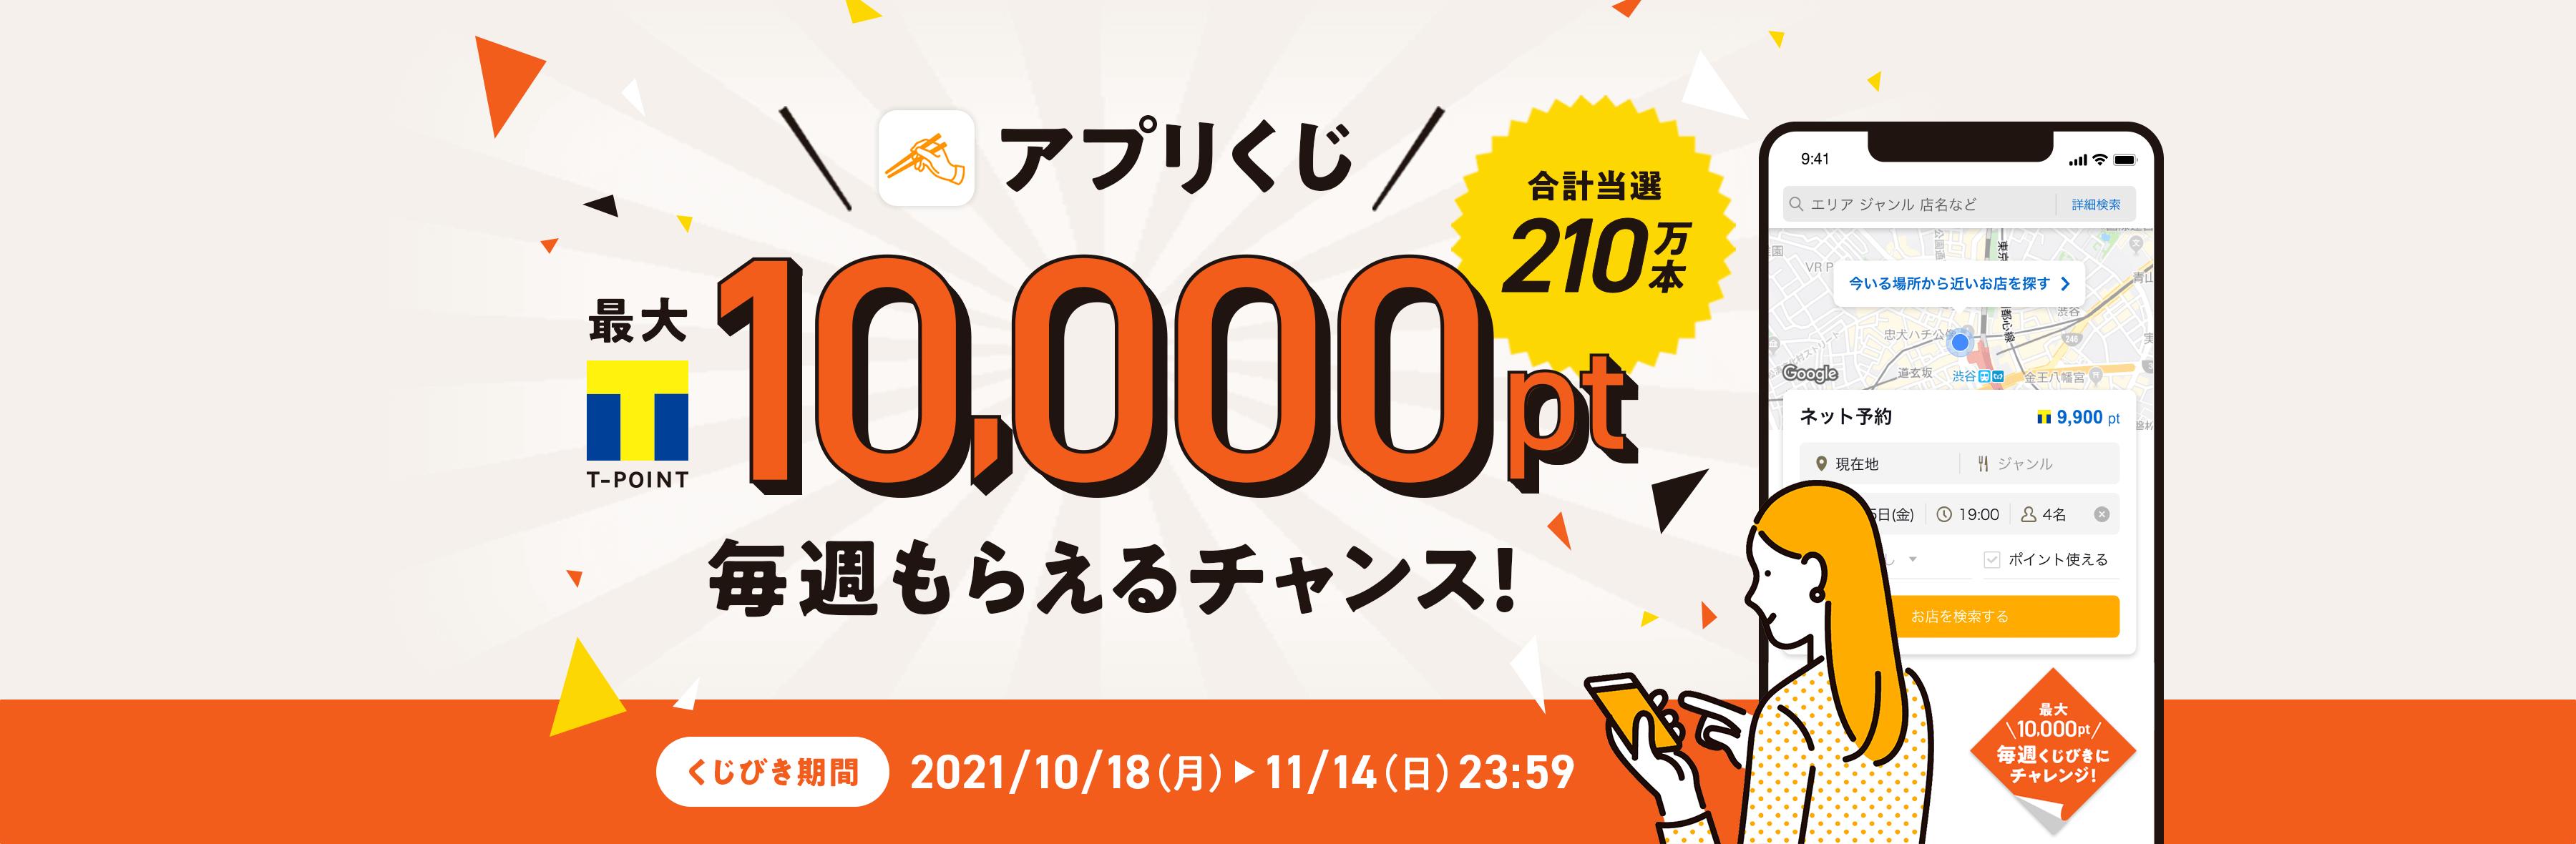 アプリくじ 最大10000pt 毎週貰えるチャンス!くじびき期間 2021年10月18日(月)〜2021年11月14日(日)